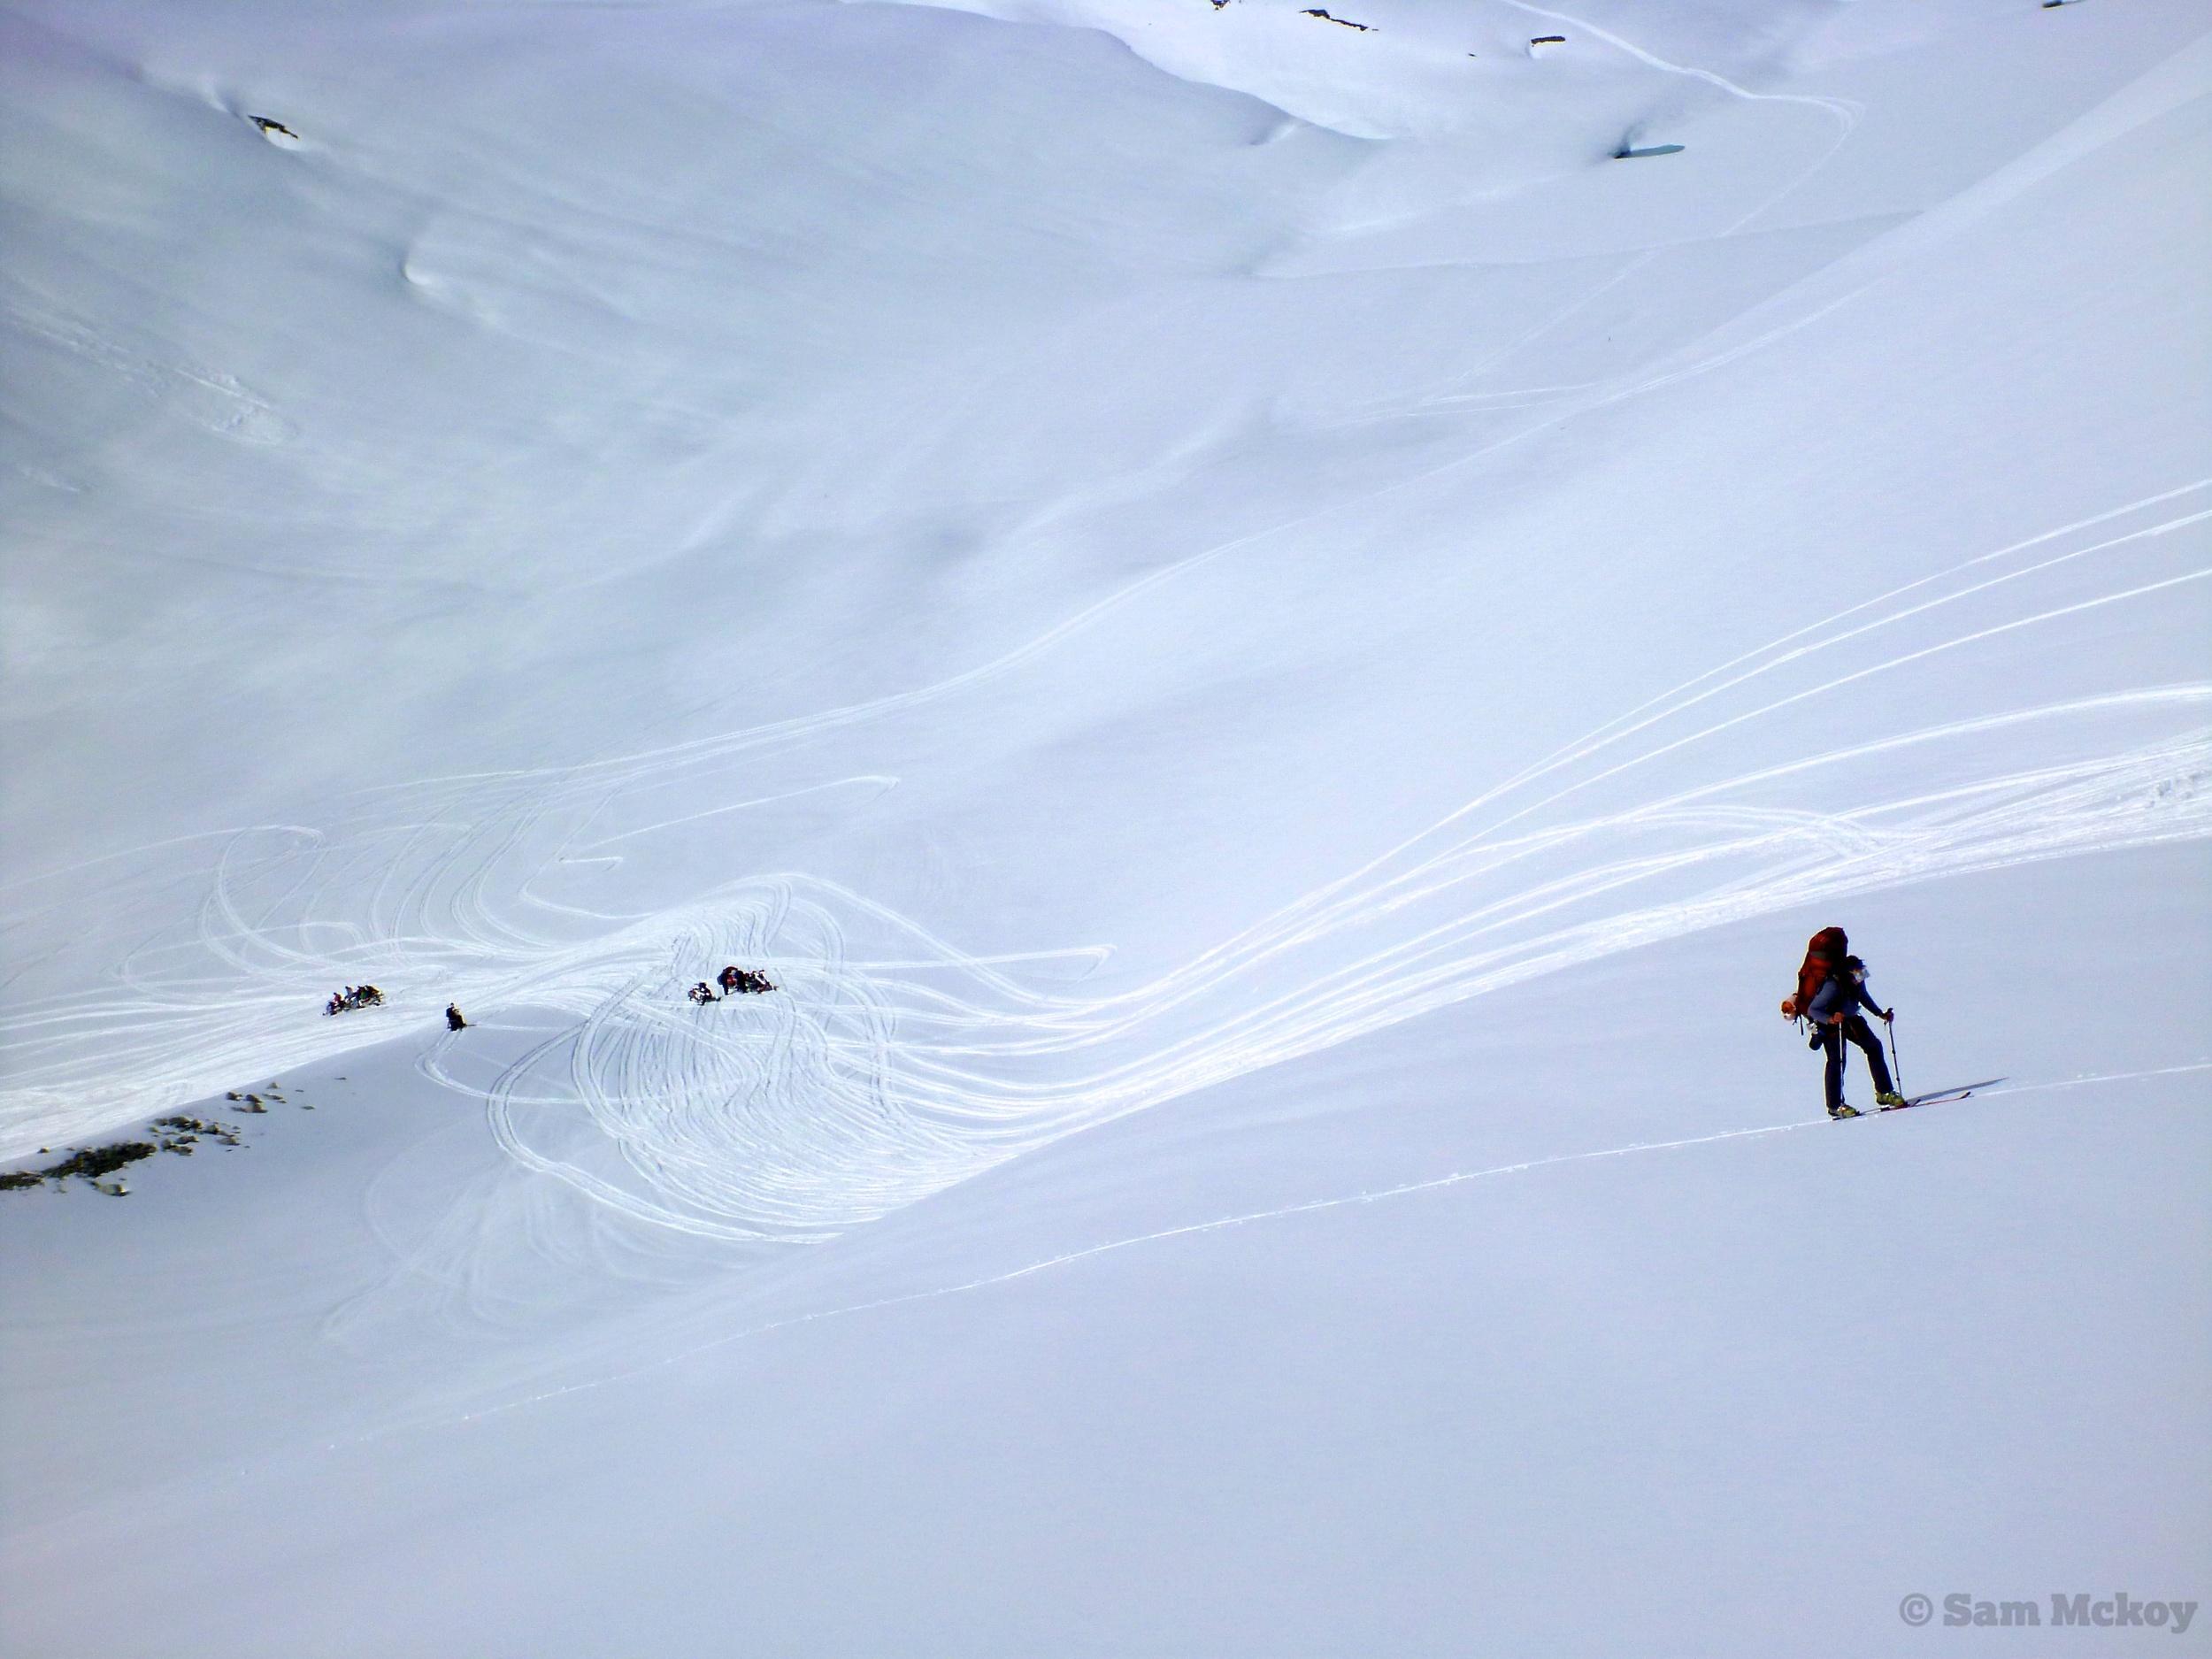 Ski touring around snowmobiles.